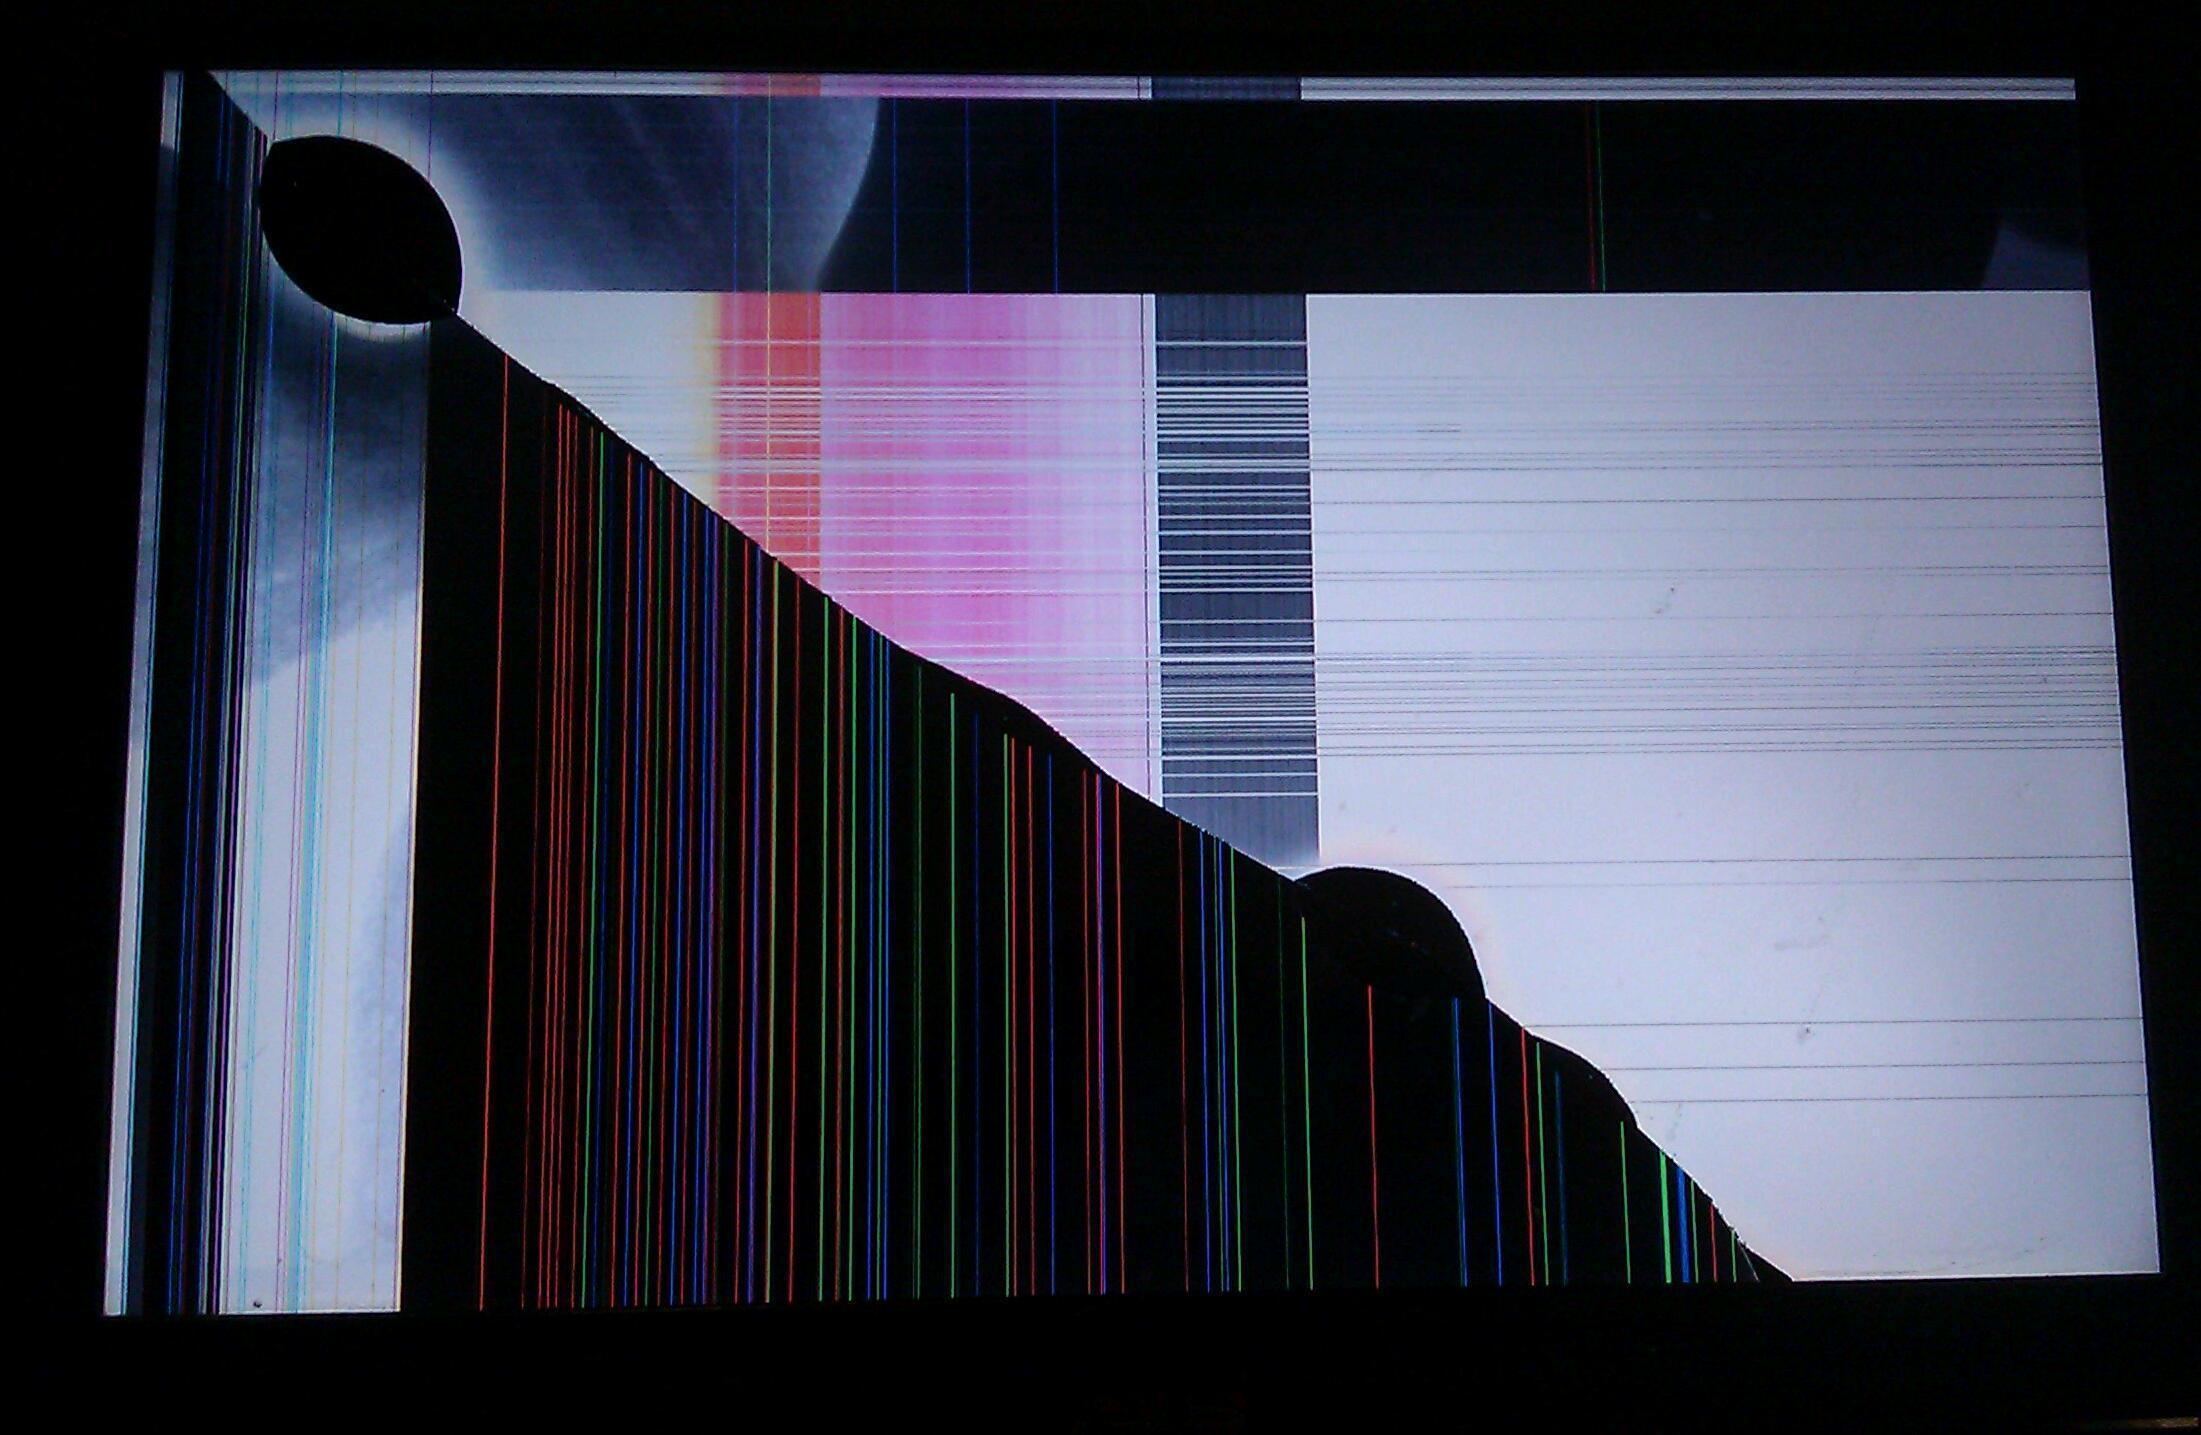 Broken Screen Wallpaper: Broken Lcd Screen Wallpapers